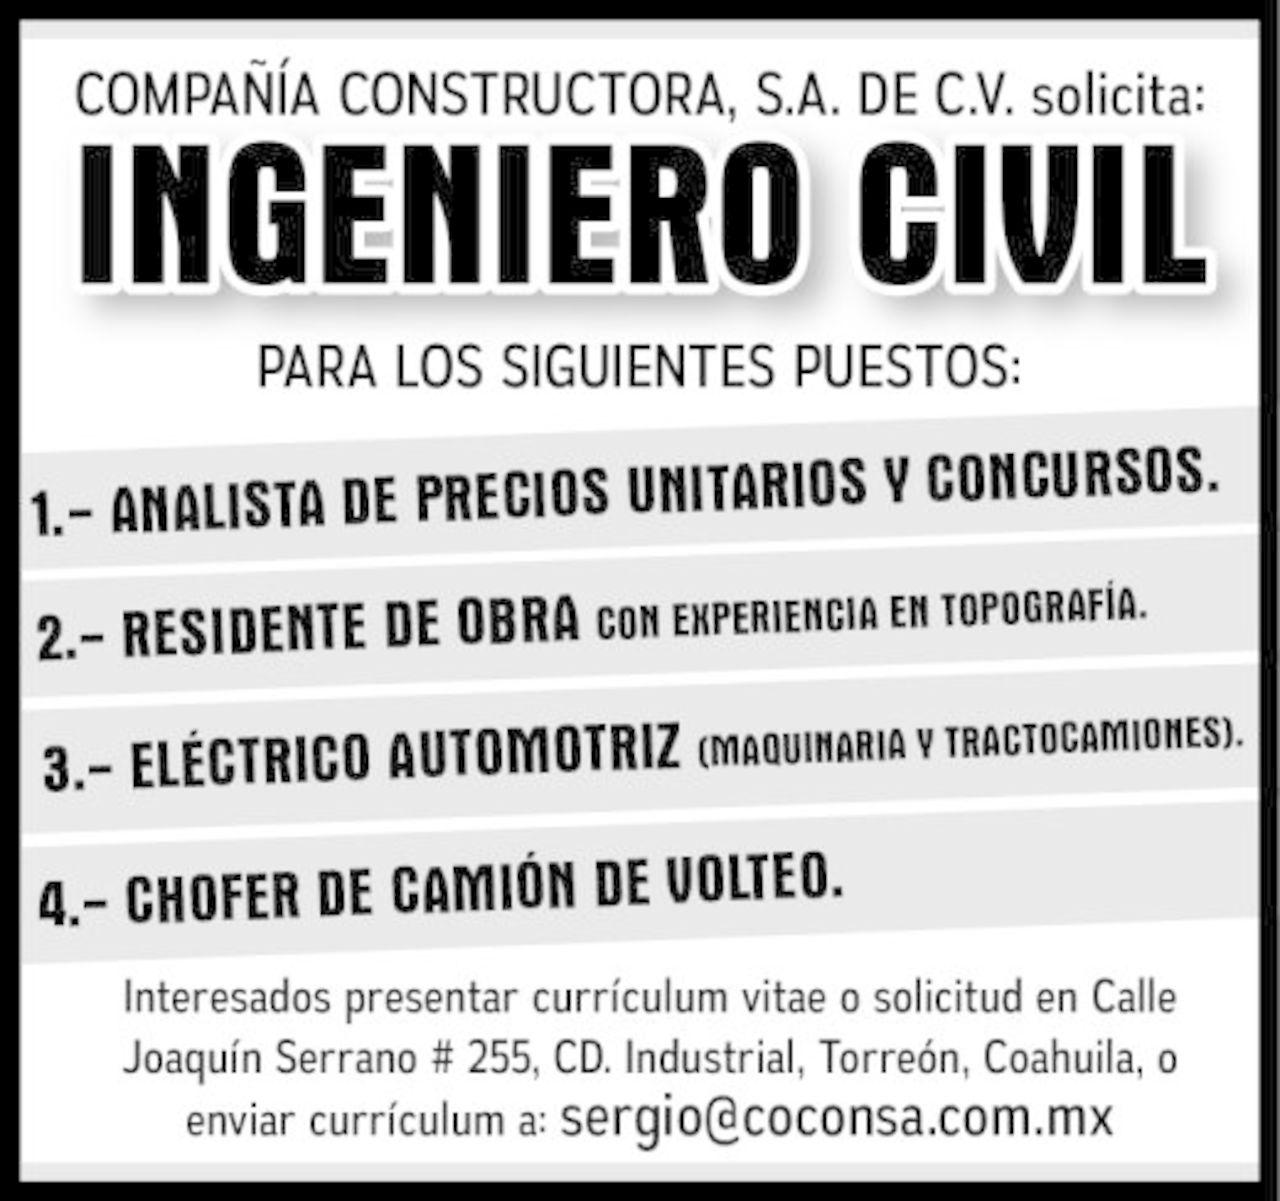 SOLICITO: INGENIERO CIVIL - Torreón desplegados El Siglo